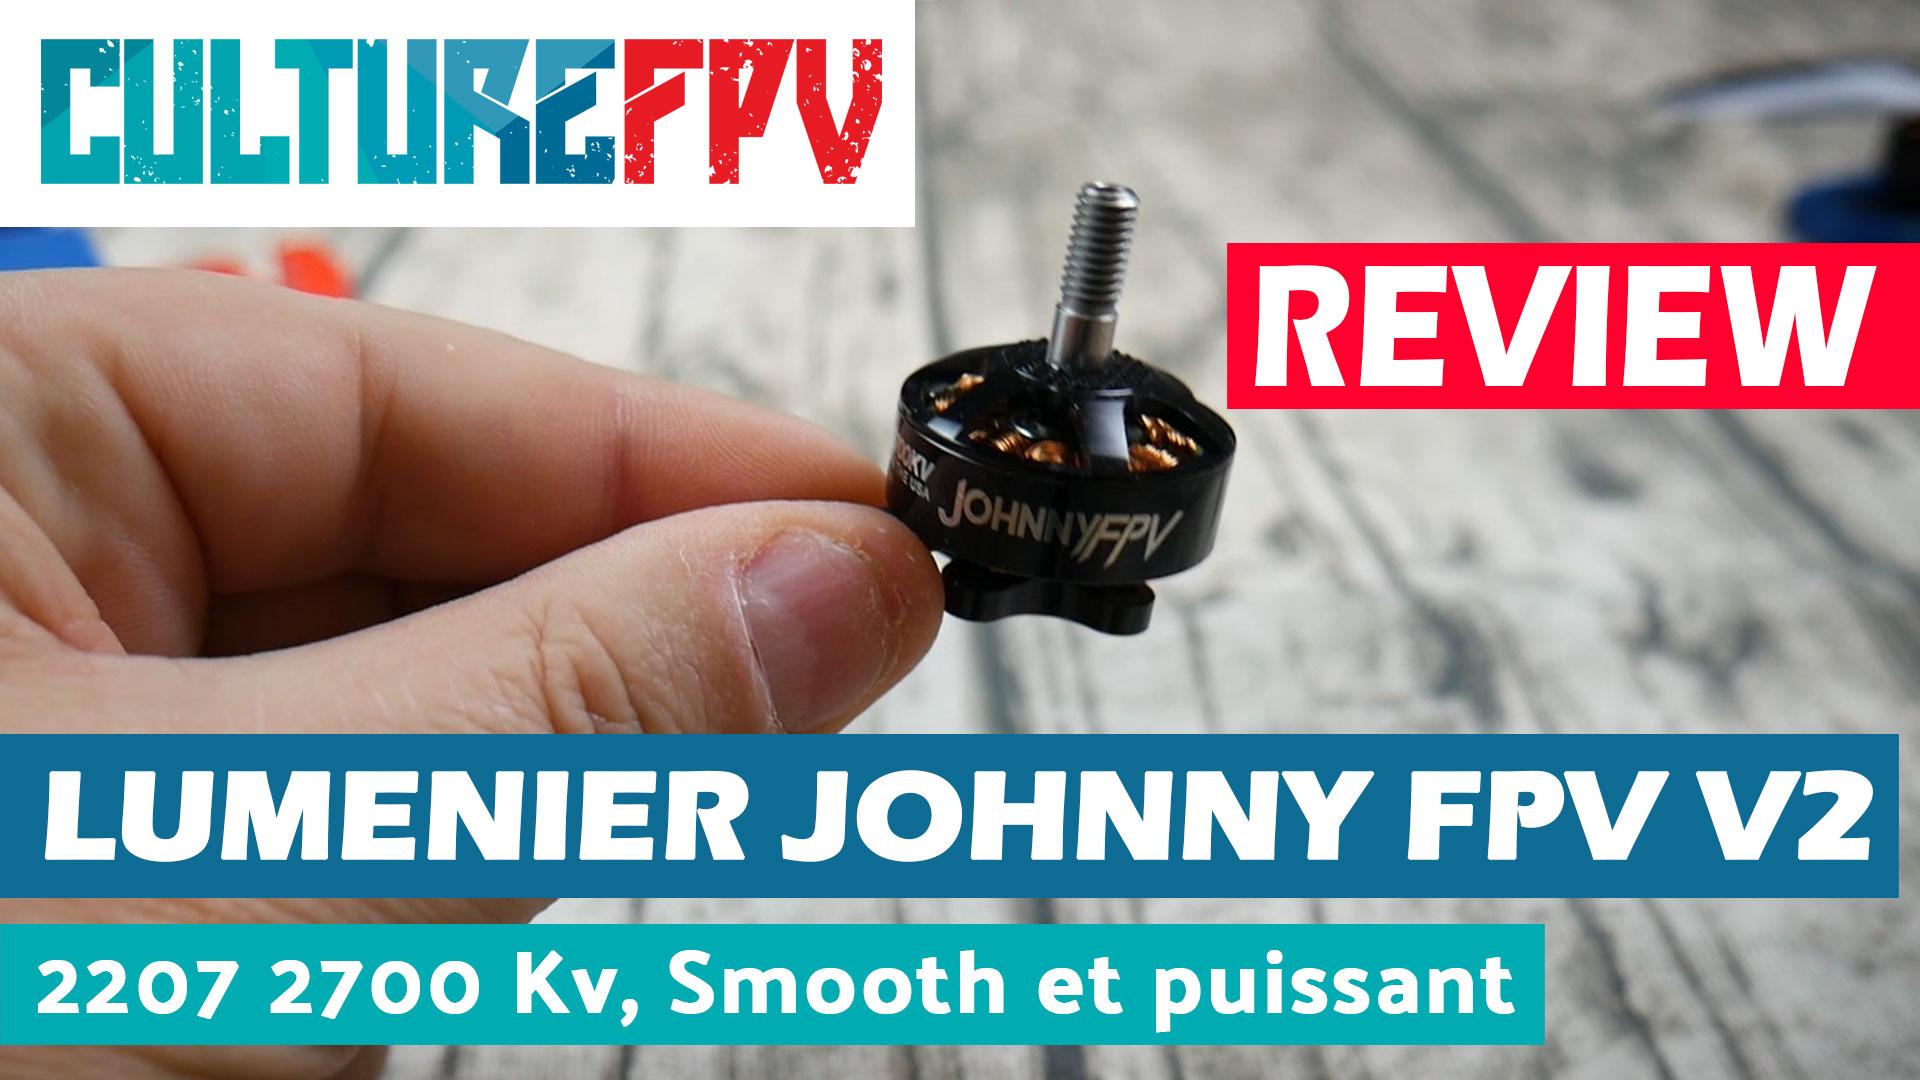 Moteurs johnnyFPV v2